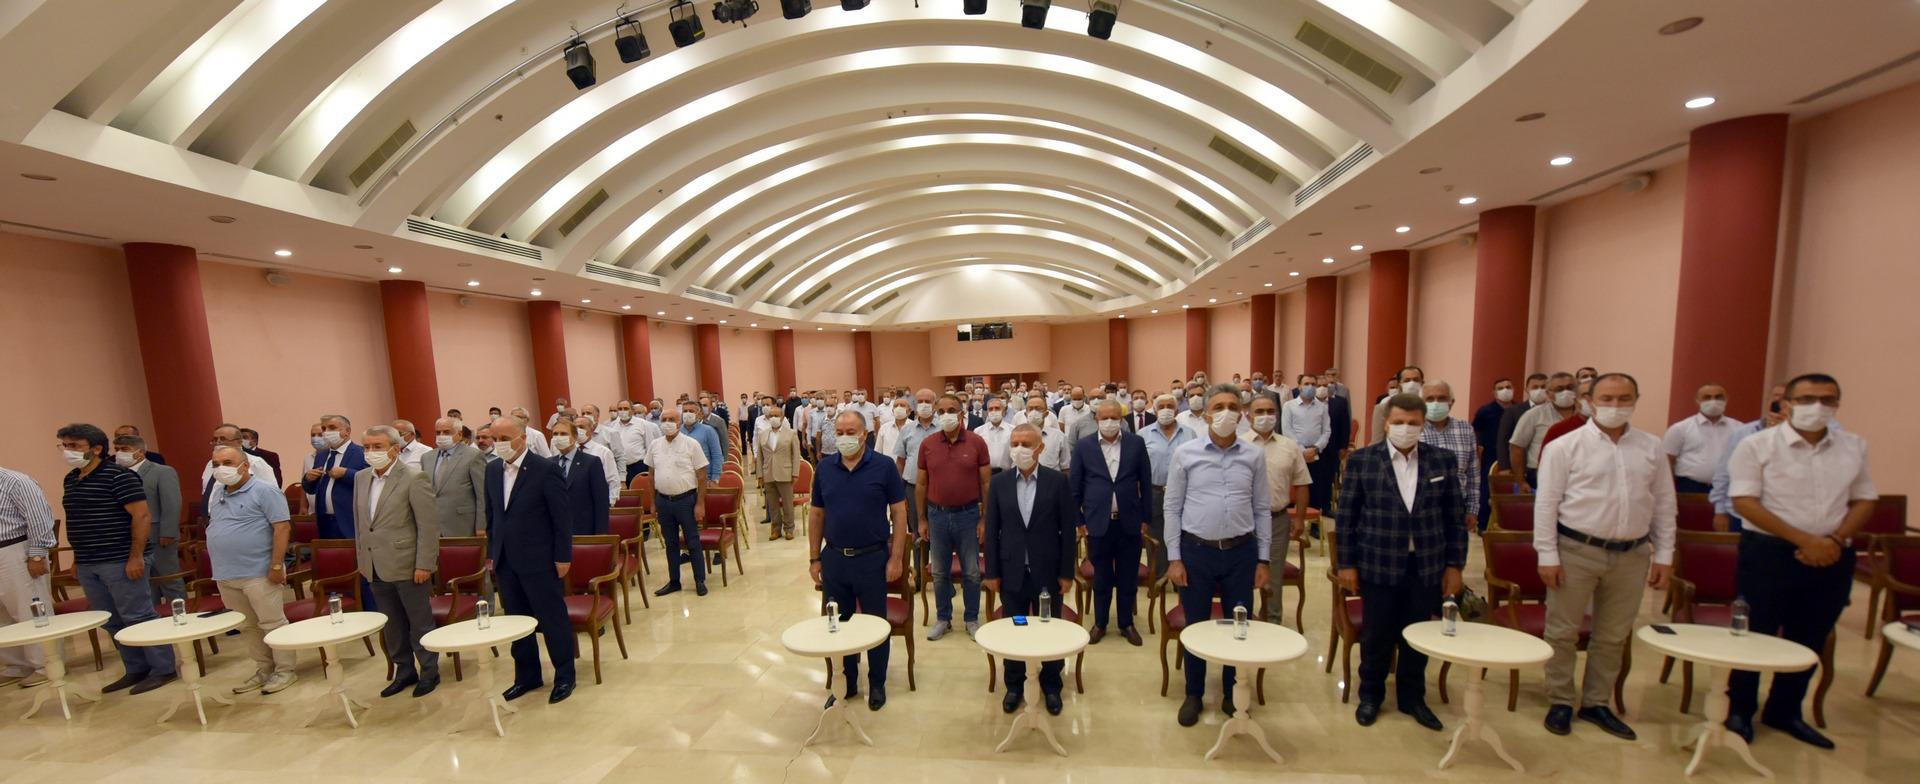 Türkiye İşçi Sendikaları Konfederasyonu Şube Başkanları ve İl Temsilcileri Toplantısı Açılış Programı, 2 Eylül 2020 Çarşamba günü Aydın'ın Didim ilçes